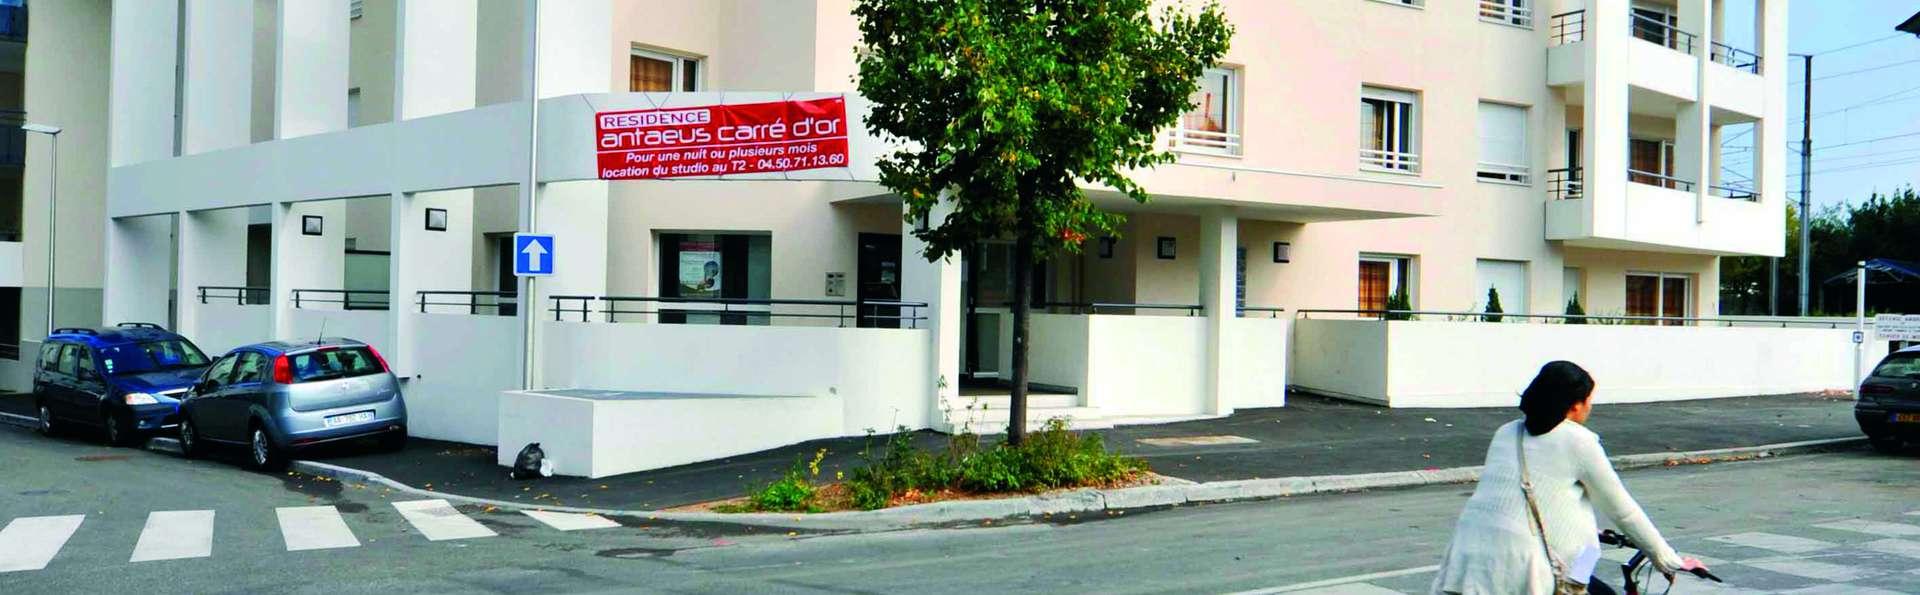 Park & Suites Confort Thonon les Bains - Façade